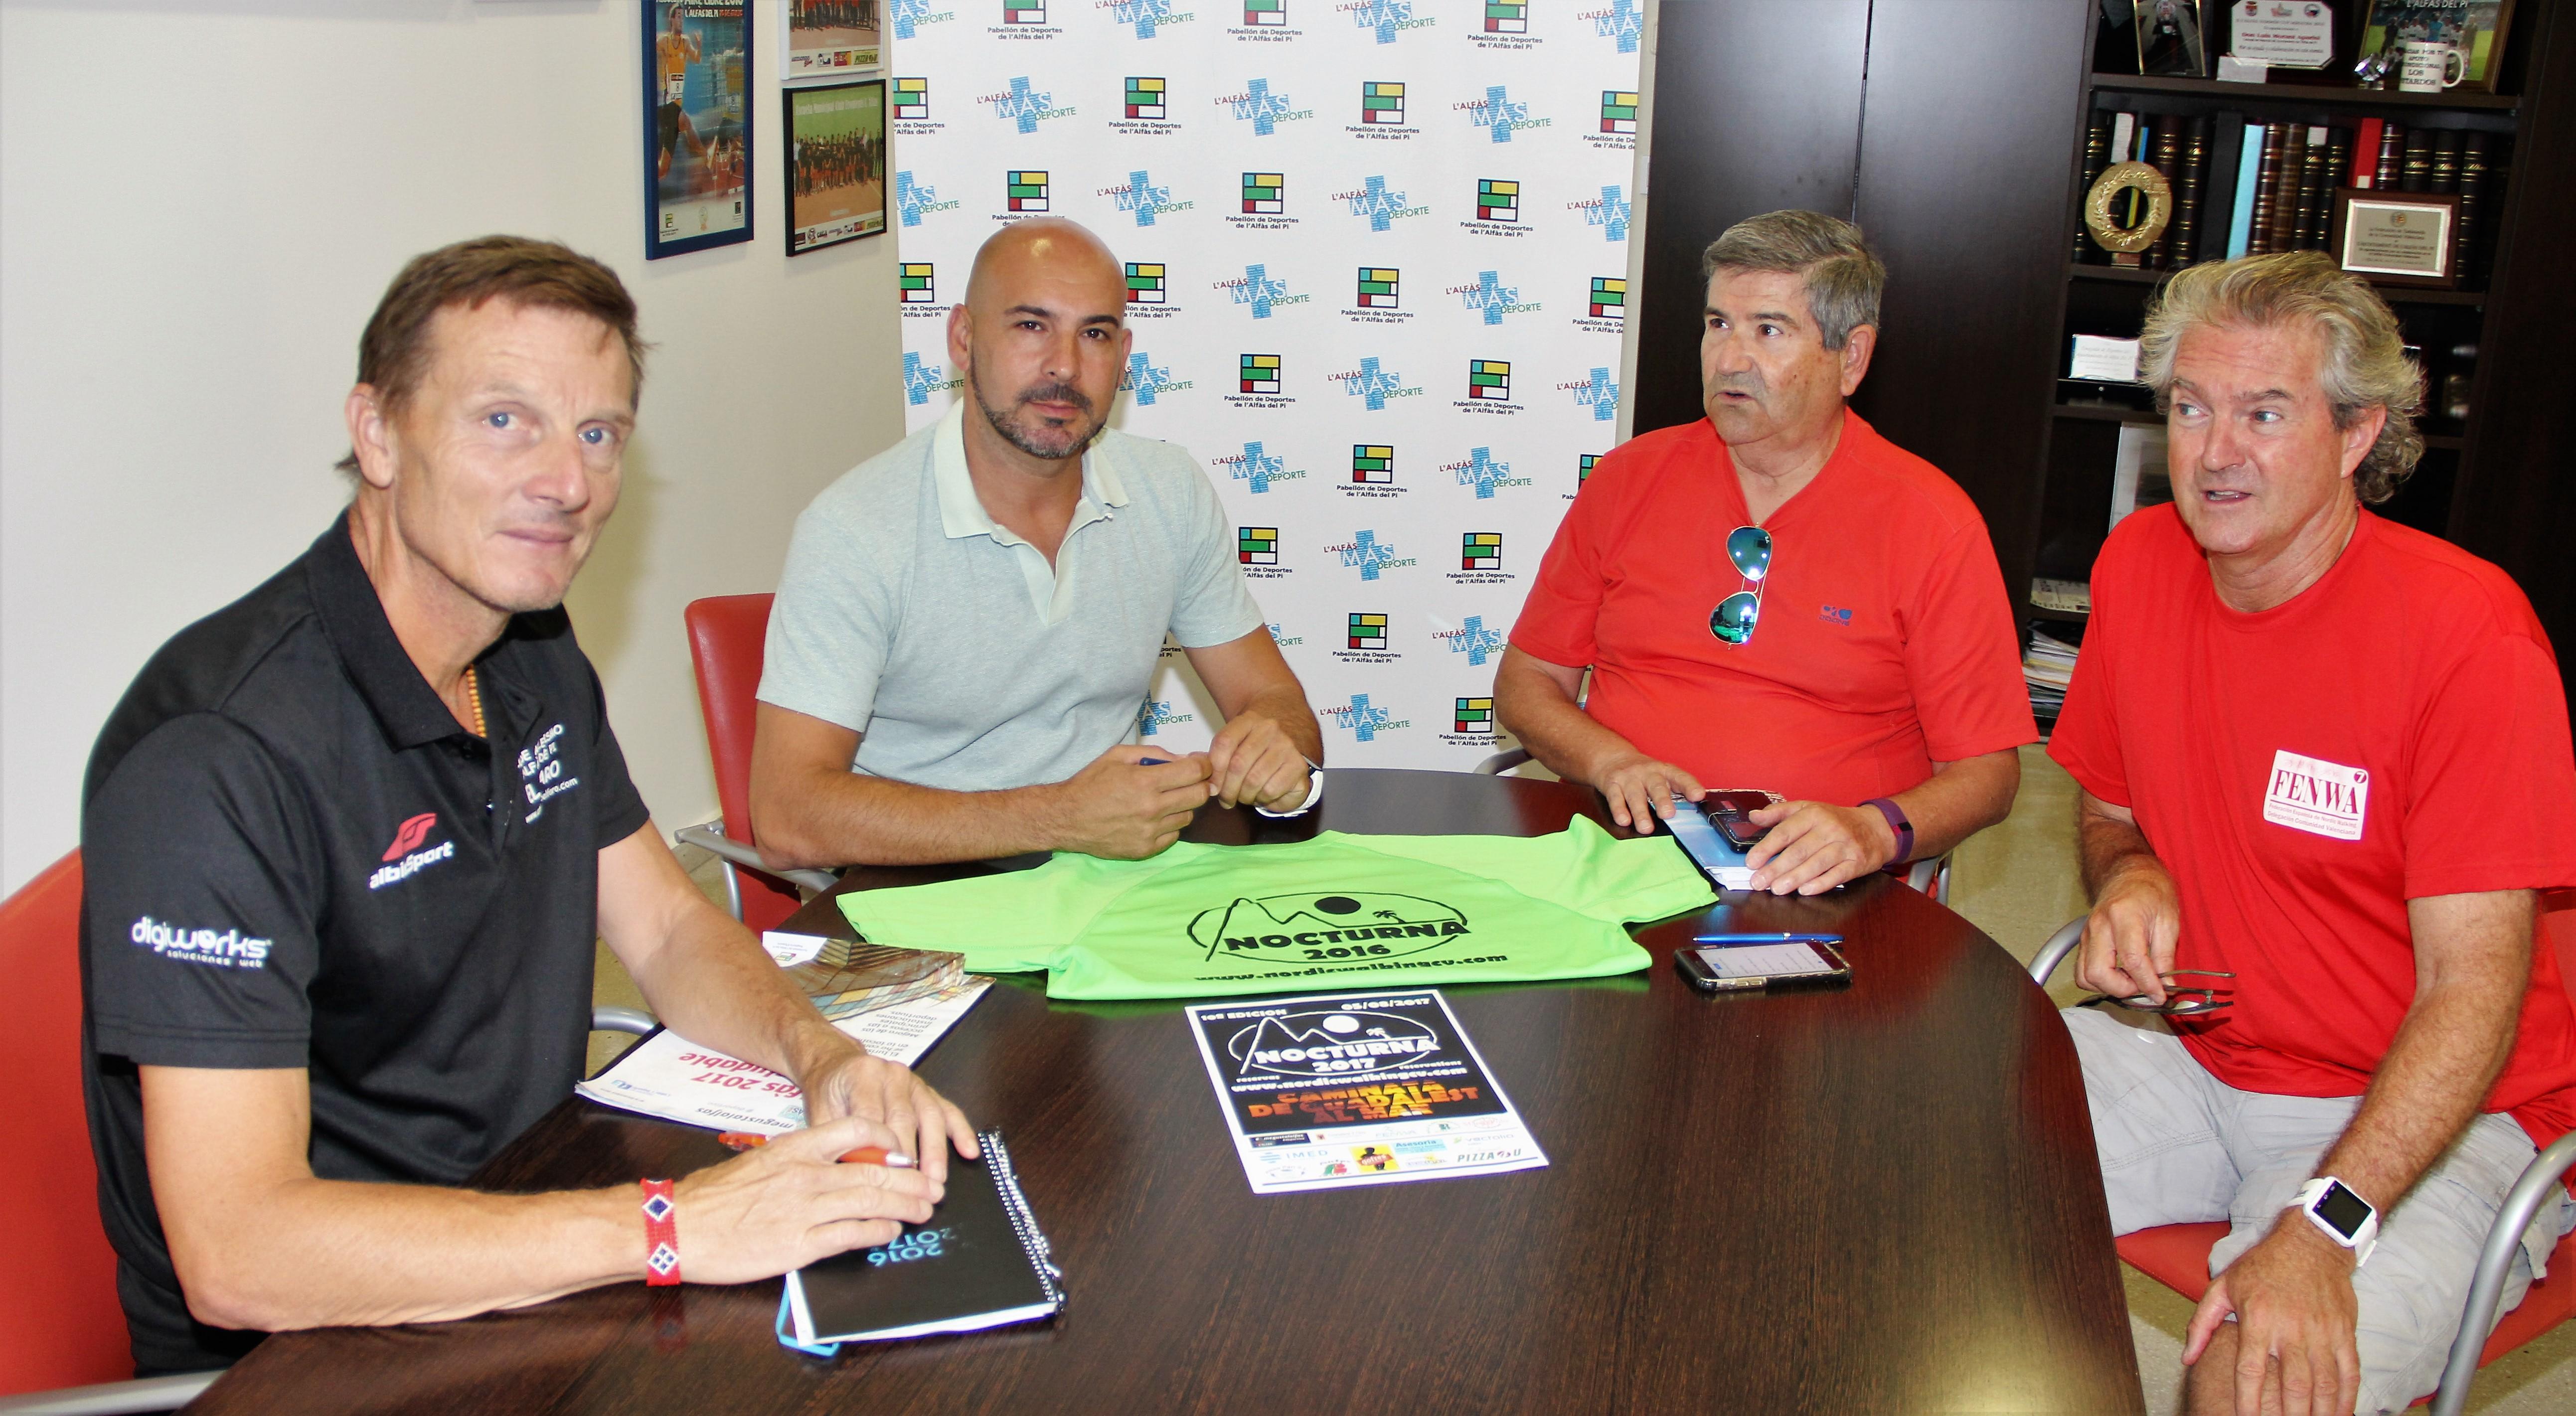 La FENWA y las concejalía de deportes de l'Alfàs del Pi  preparan ya  la 10ª Caminata Nocturna que será el 5 de agosto.